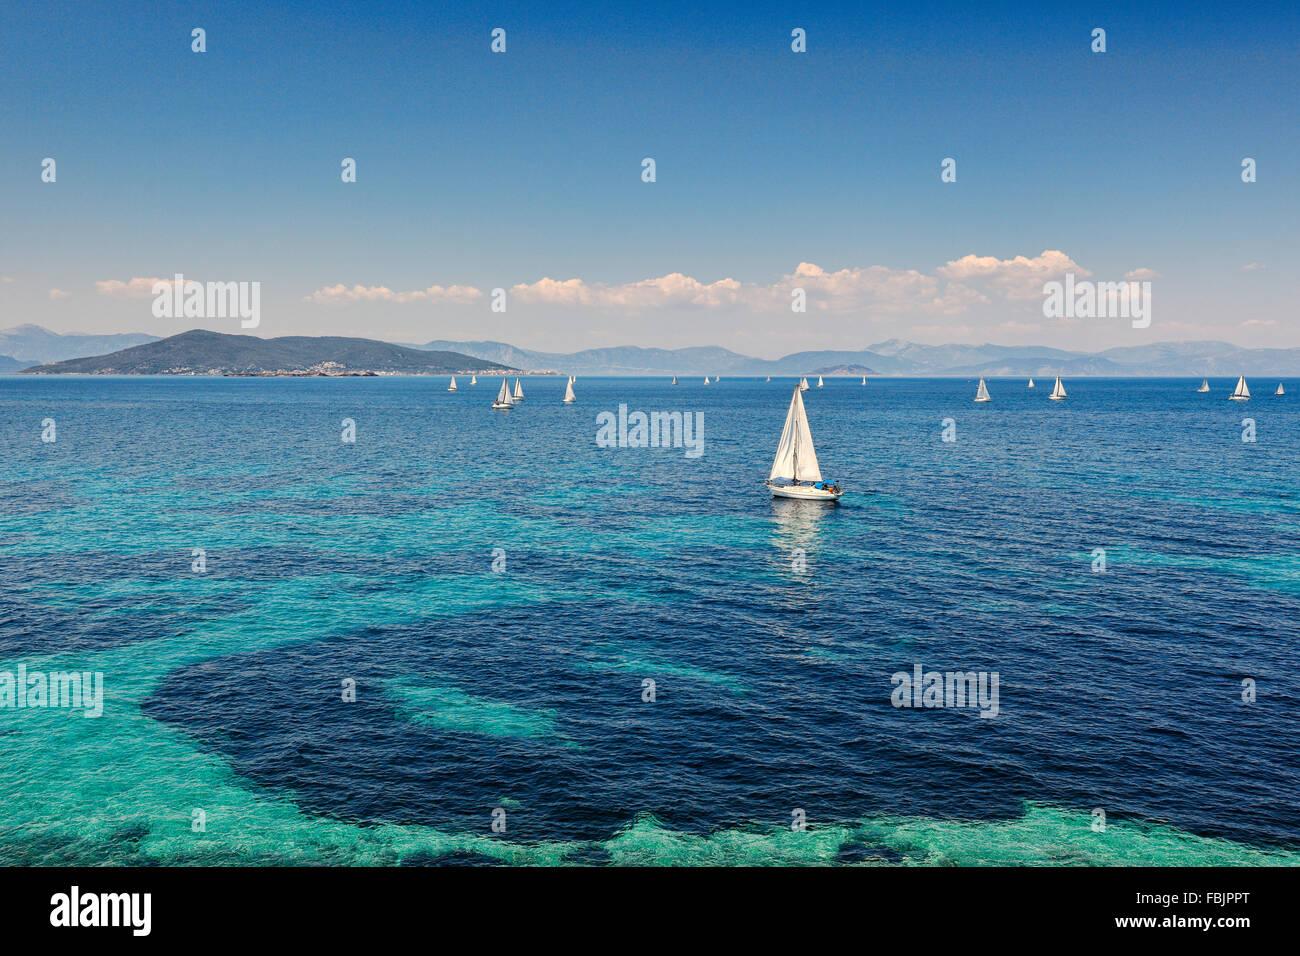 Segelboote in der Nähe von Aegina Insel, Griechenland Stockbild